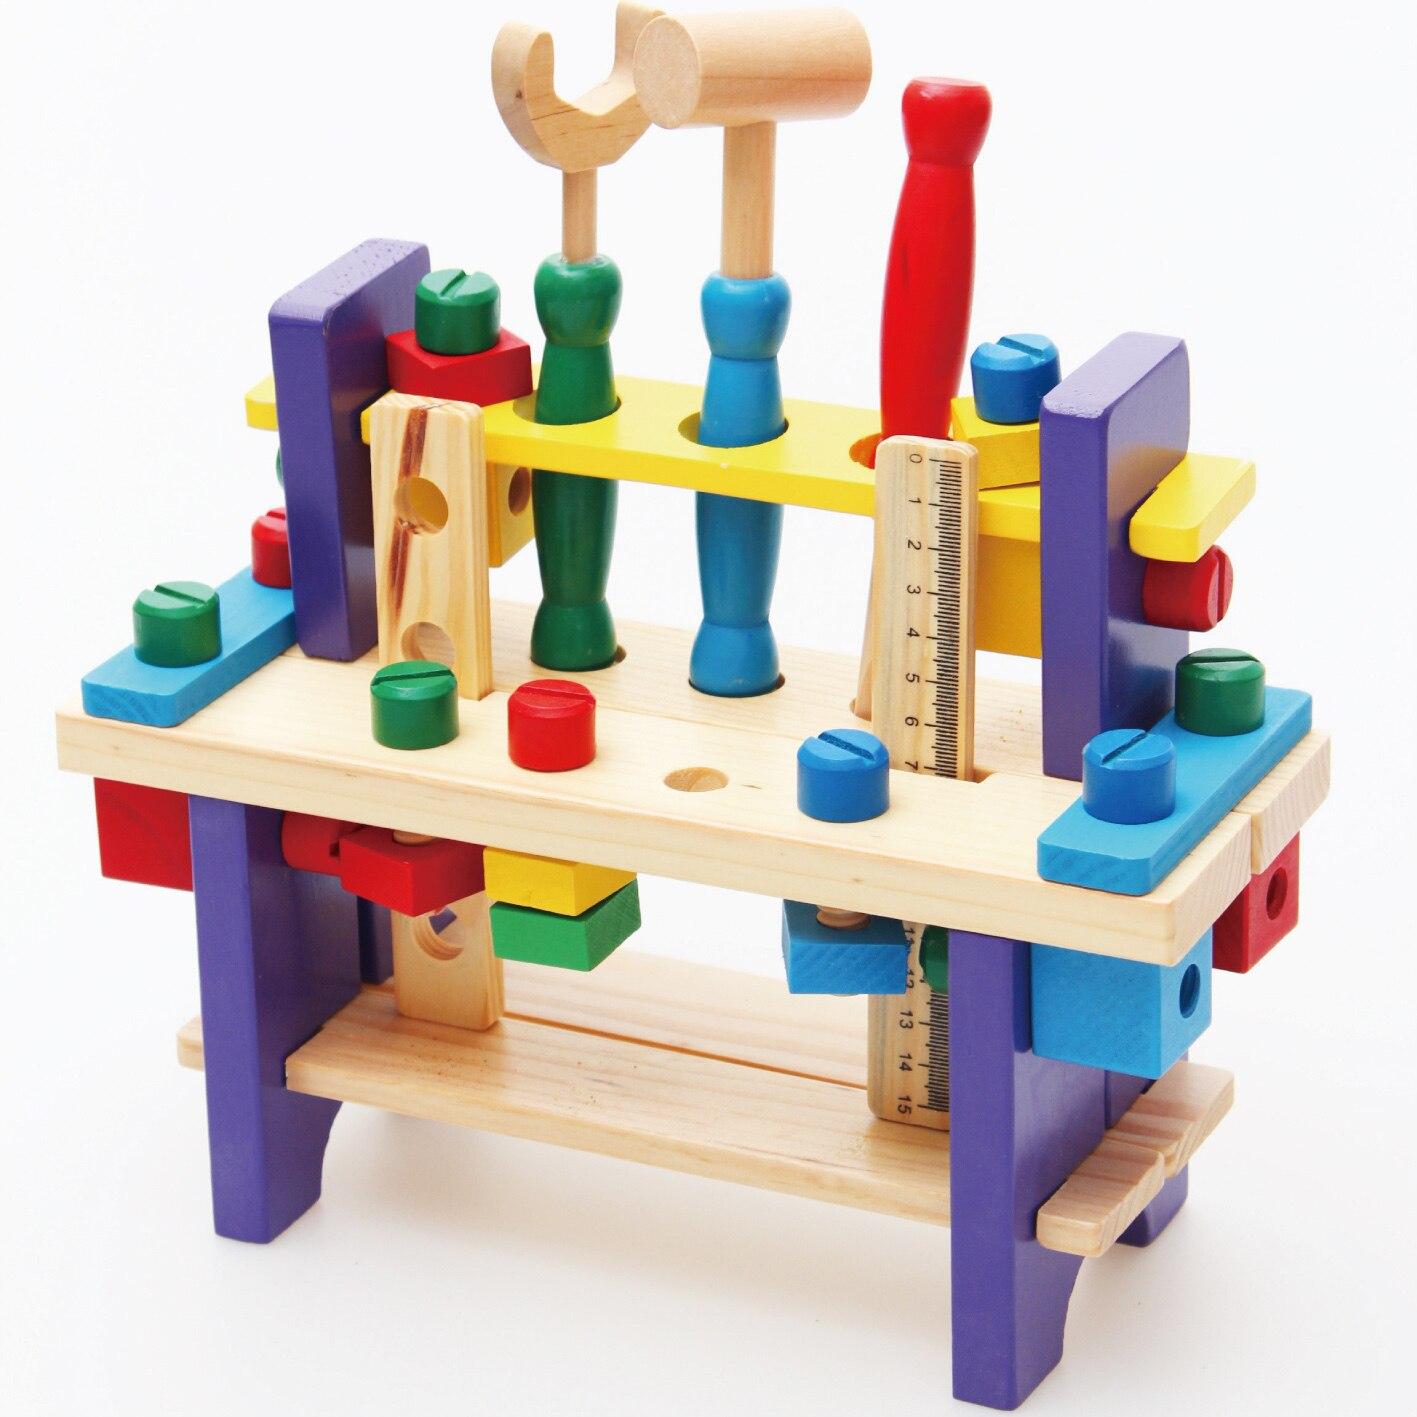 comprar beb juguetes para nios juguetes de madera educativos de de madera proyecto workbench nut toy